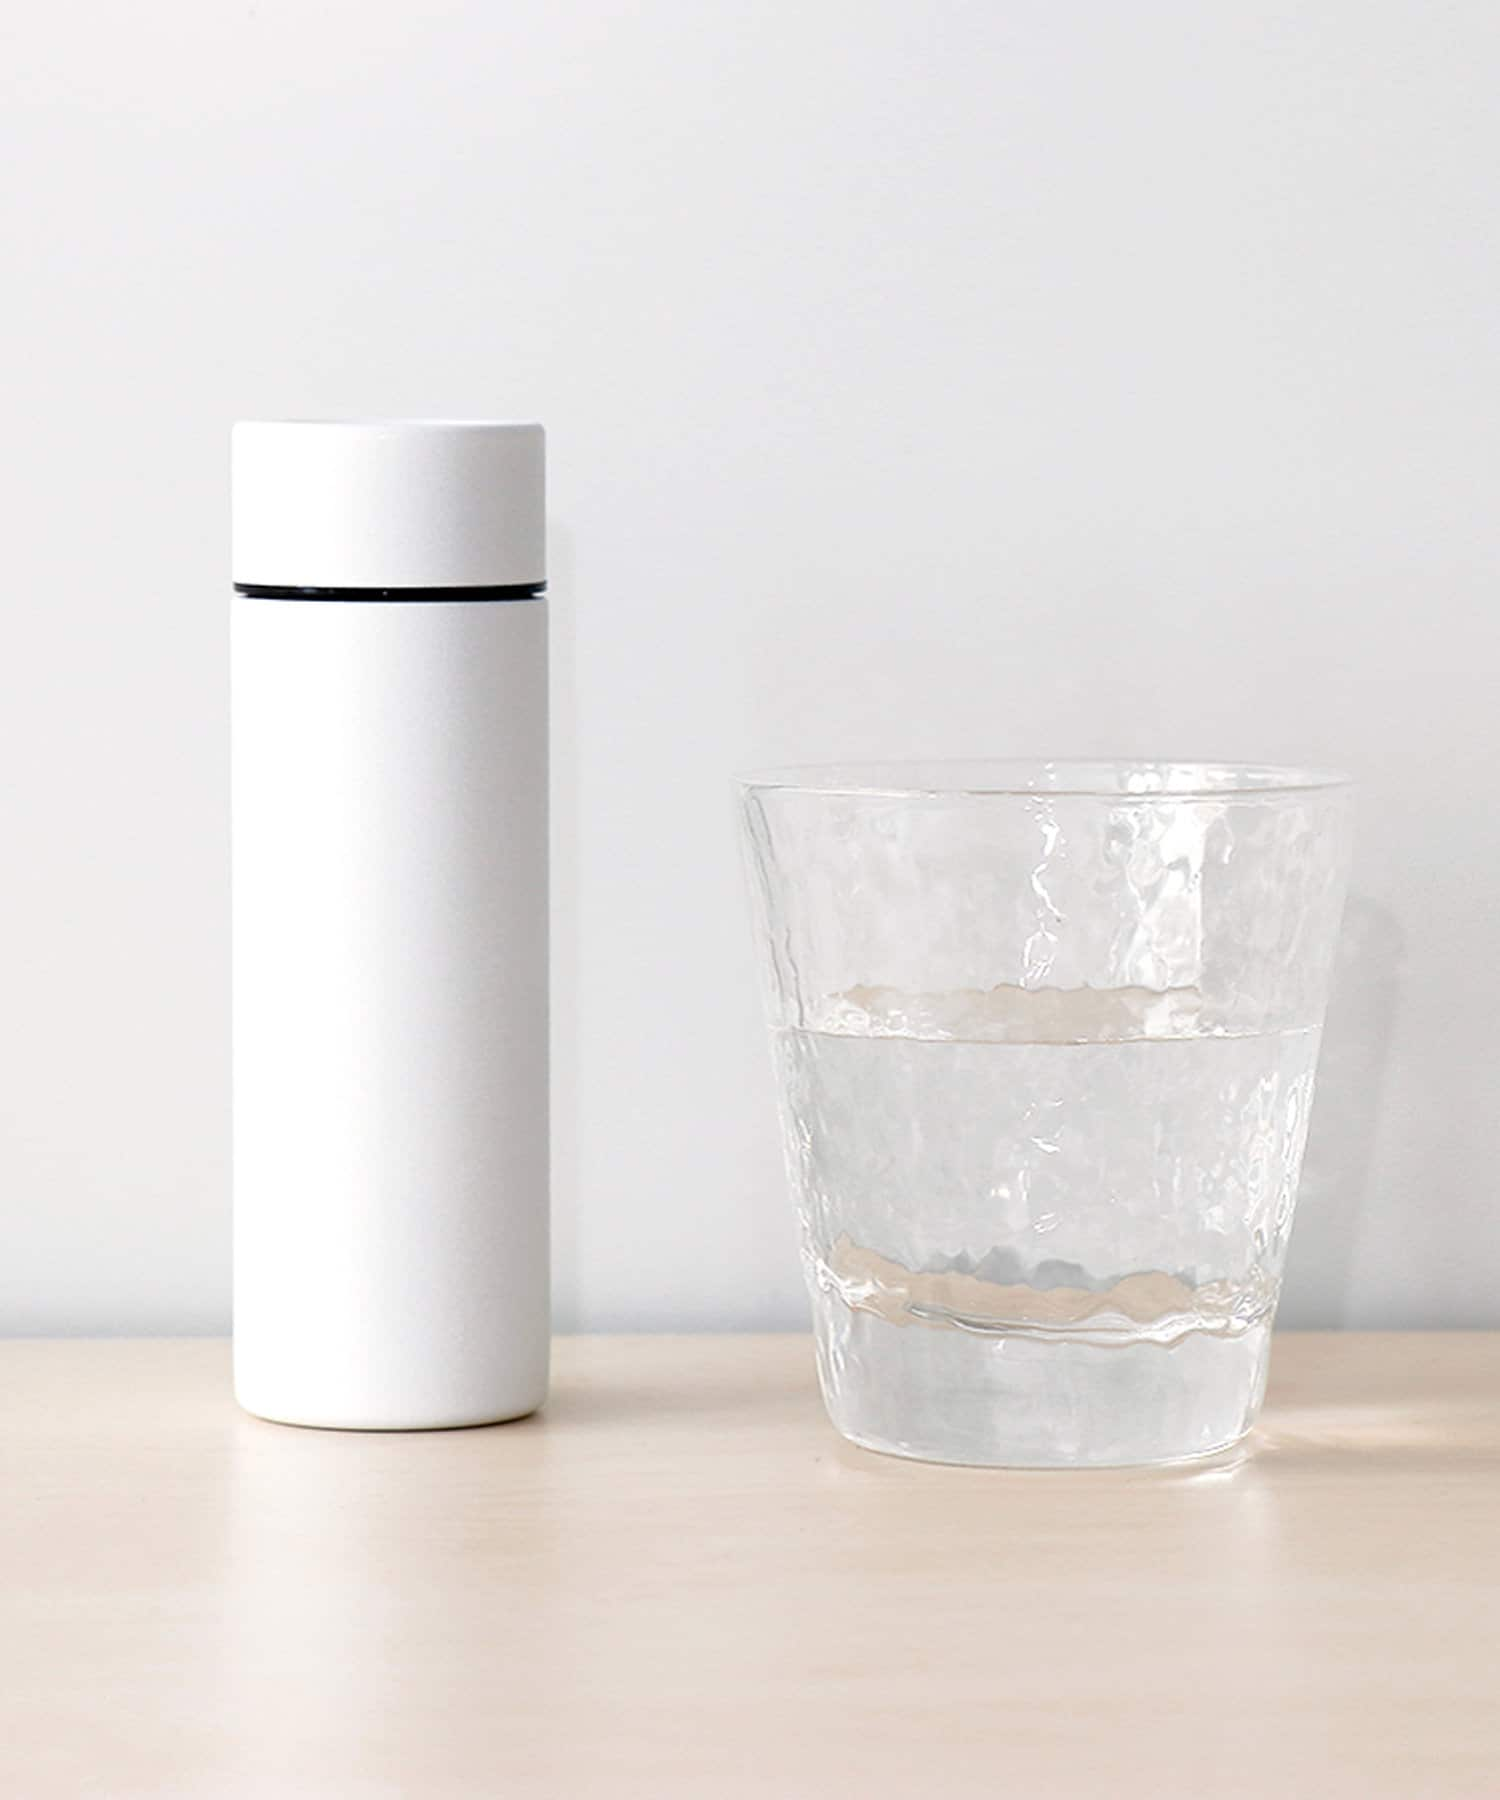 3COINS(スリーコインズ) ライフスタイル ミニステンレスボトル135ml ホワイト